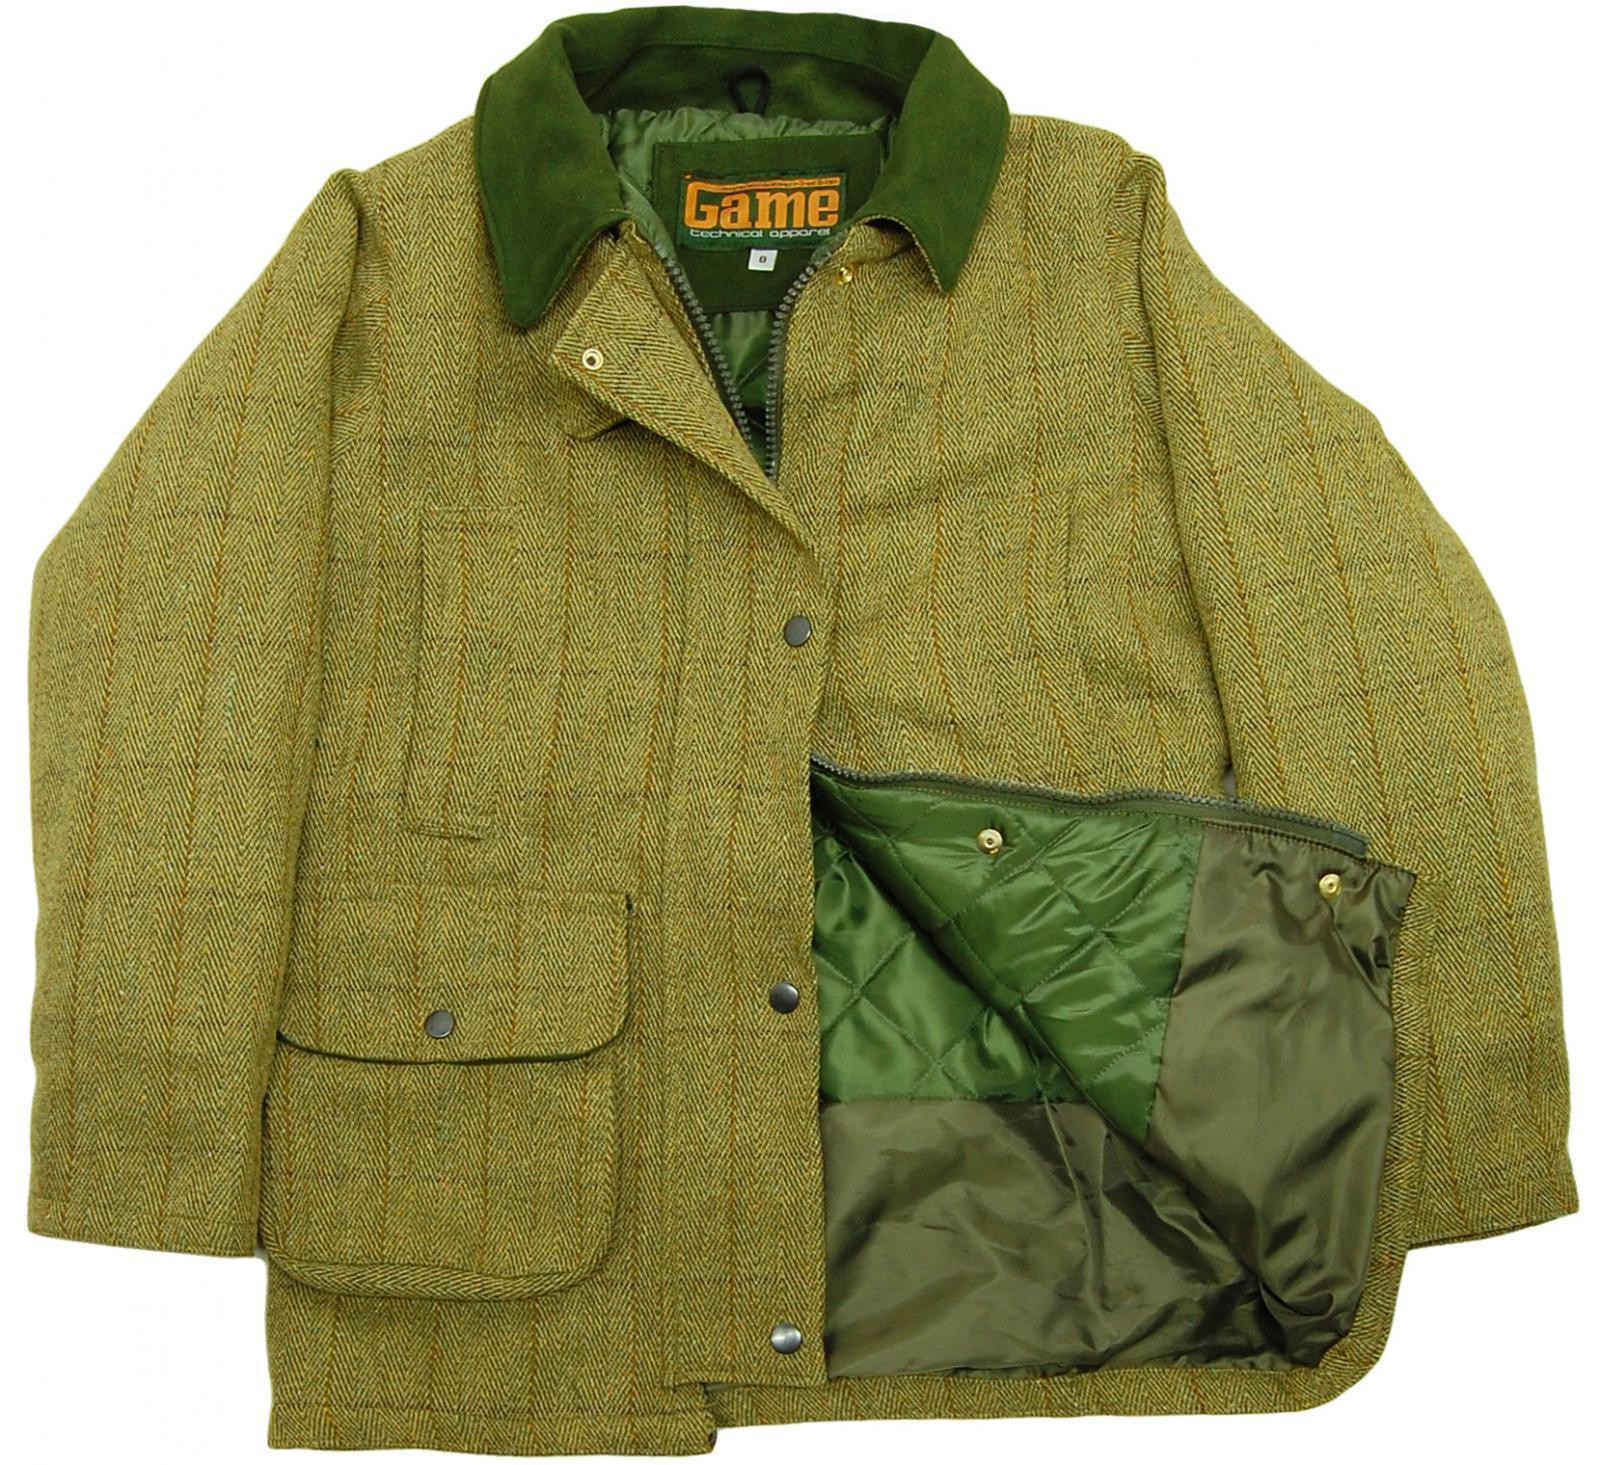 femmes Jeu tweed chasse, chasse, Champ veste sport 8-22   eBay bafaf4a62f8a